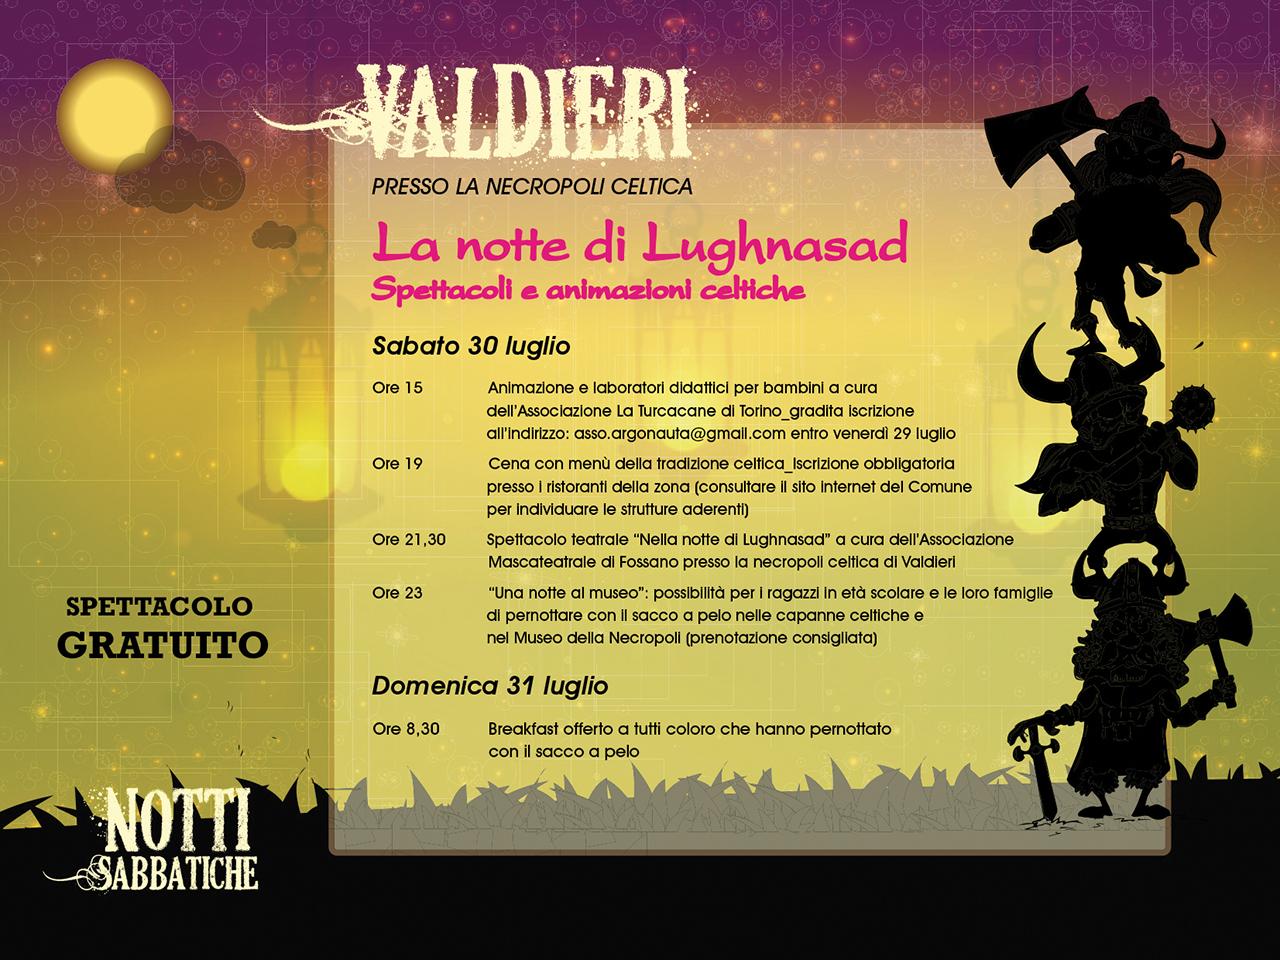 Sabato 30 Luglio - La Notte di Lughnasad - Valdieri